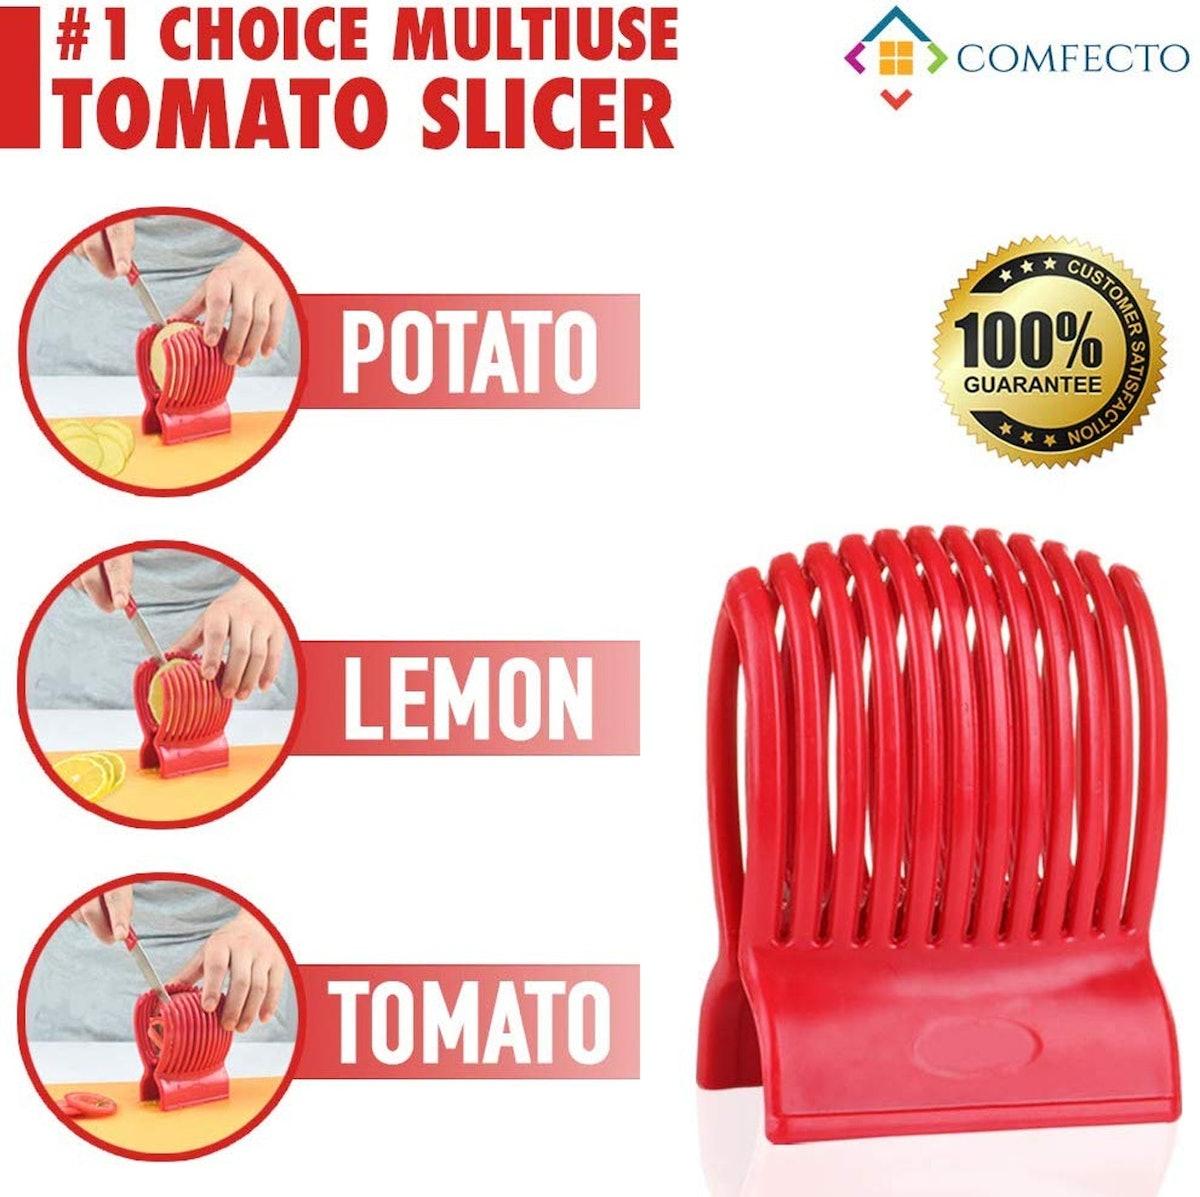 Comfecto Tomato Slicer